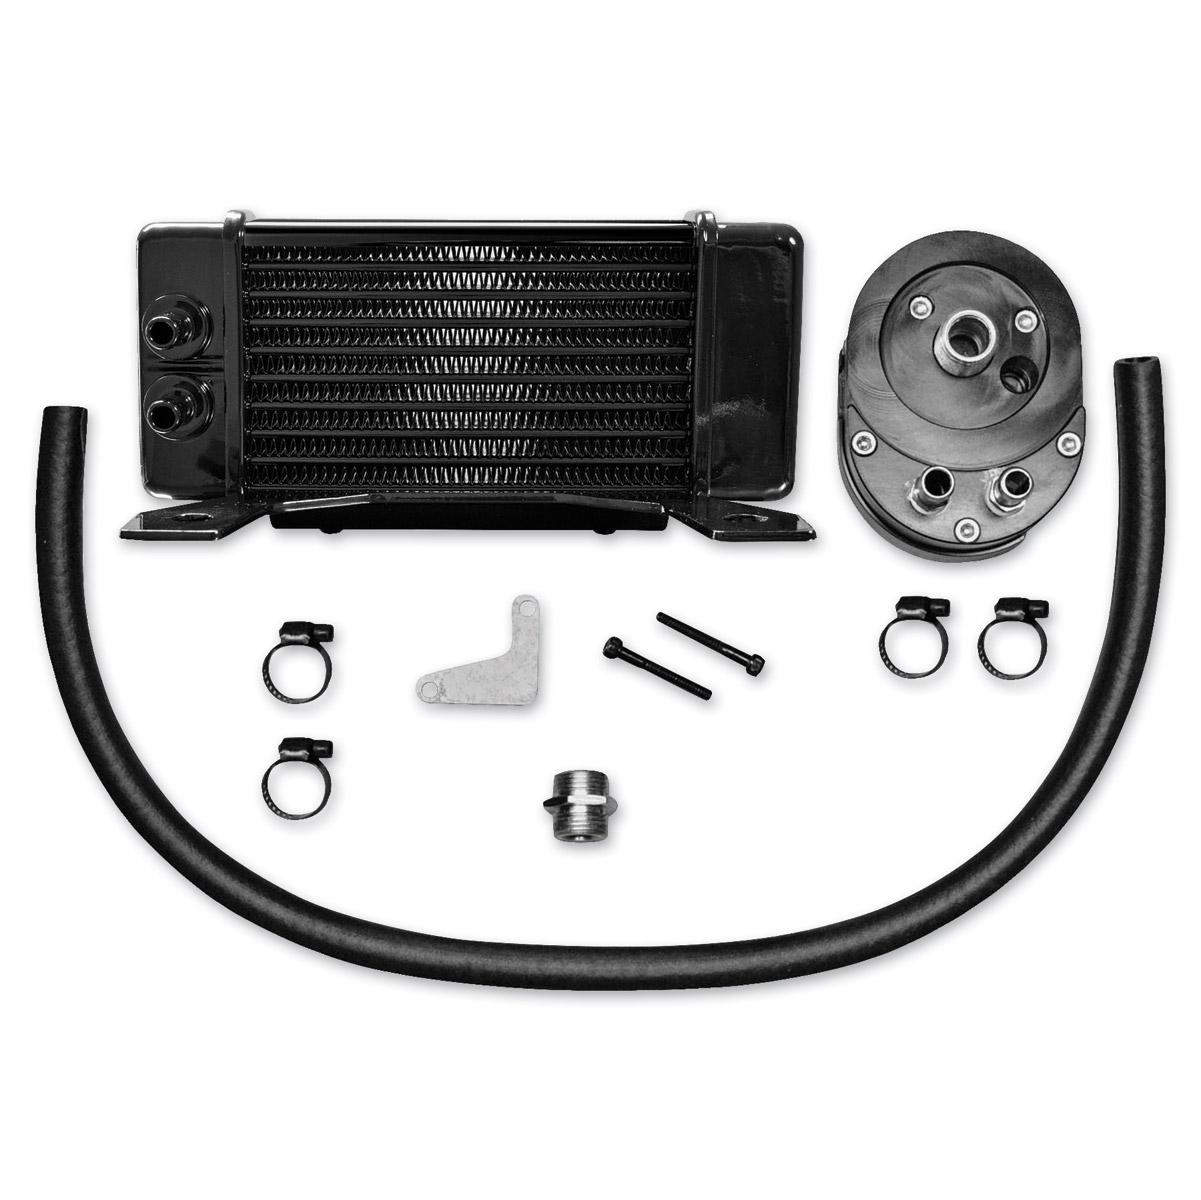 Jagg Horizontal Low-Mount Oil Cooler Kit